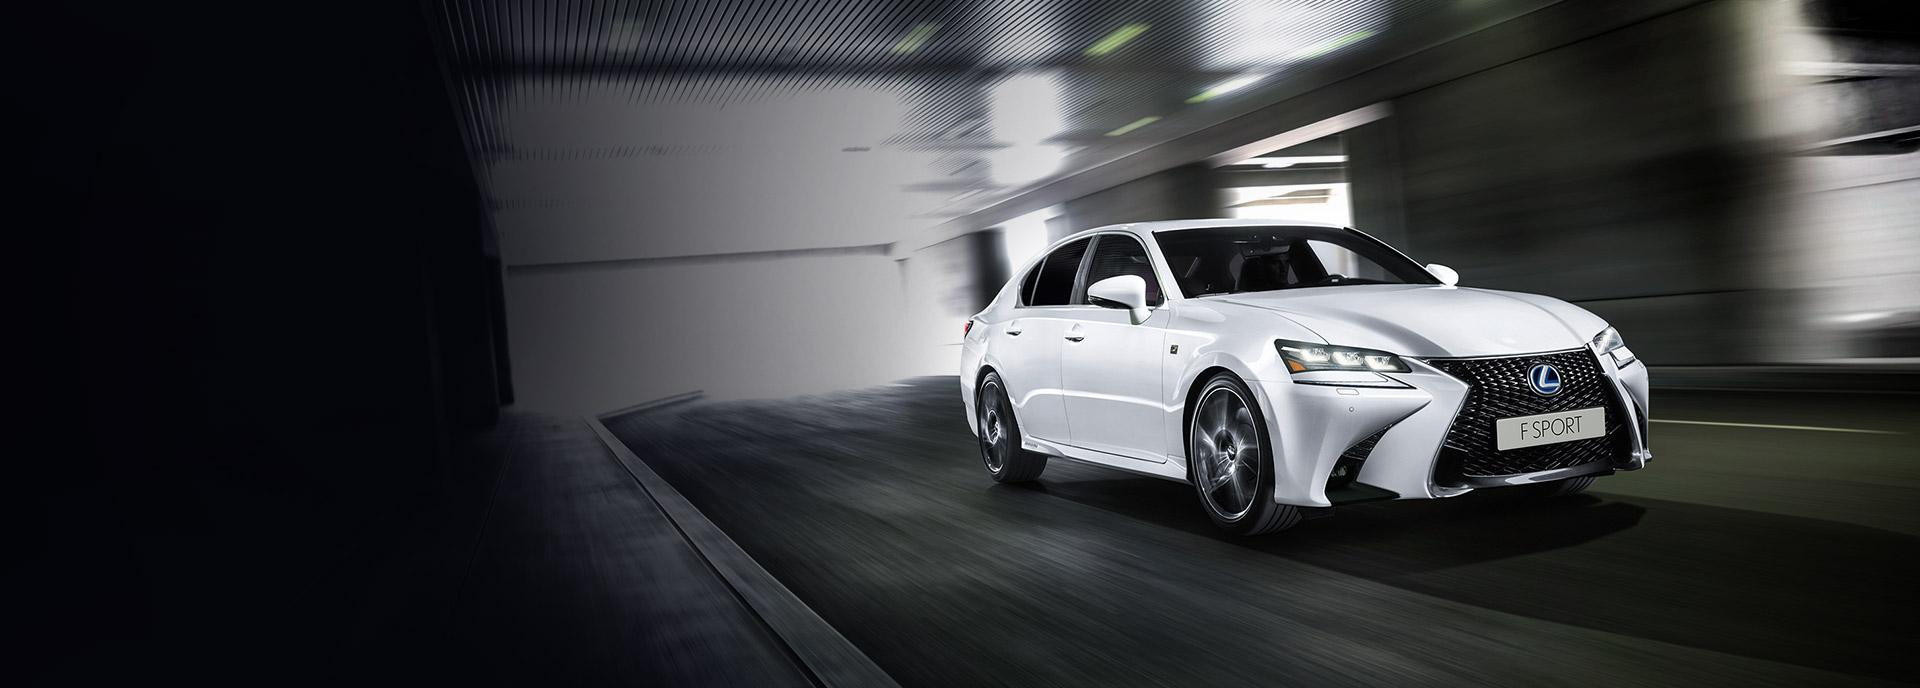 valkoinen Lexus GS 450h Hybrid hero